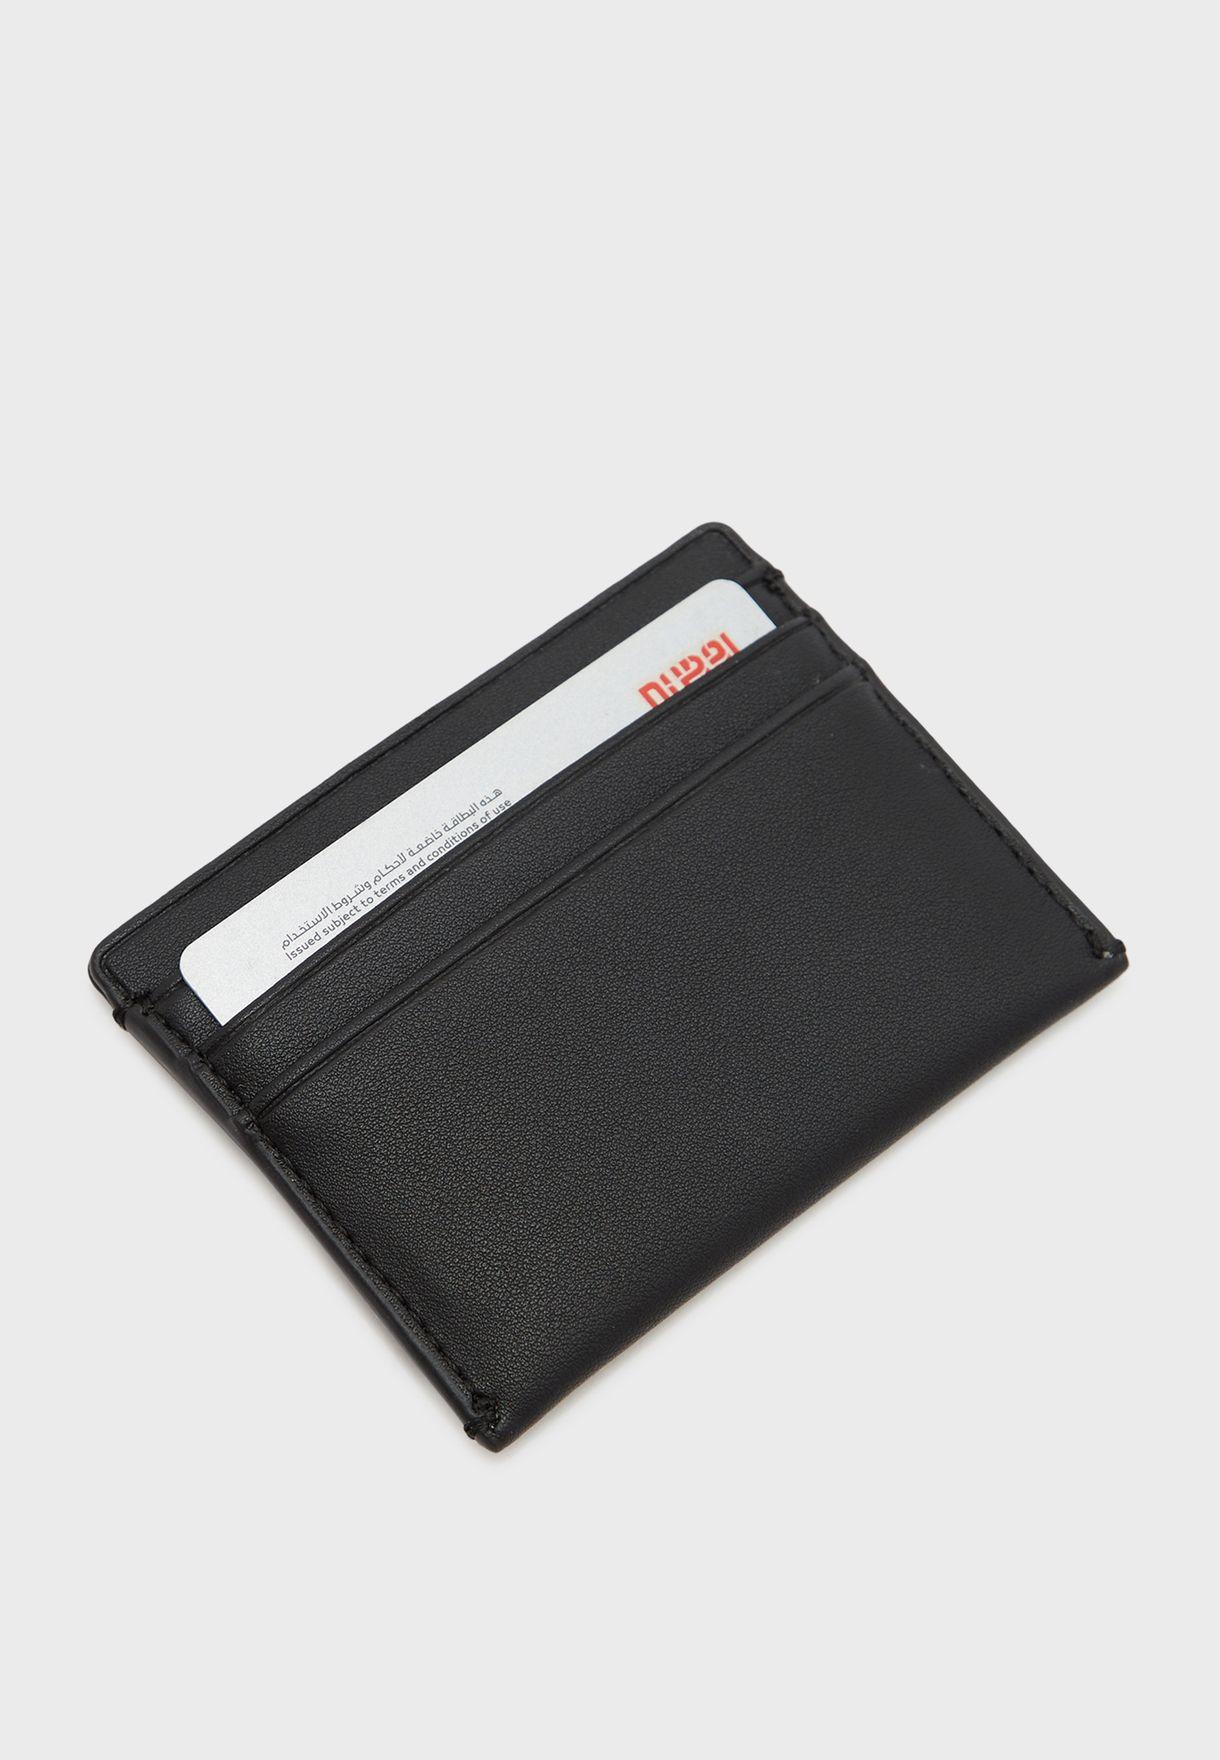 حافظة بطاقات بشعار الماركة